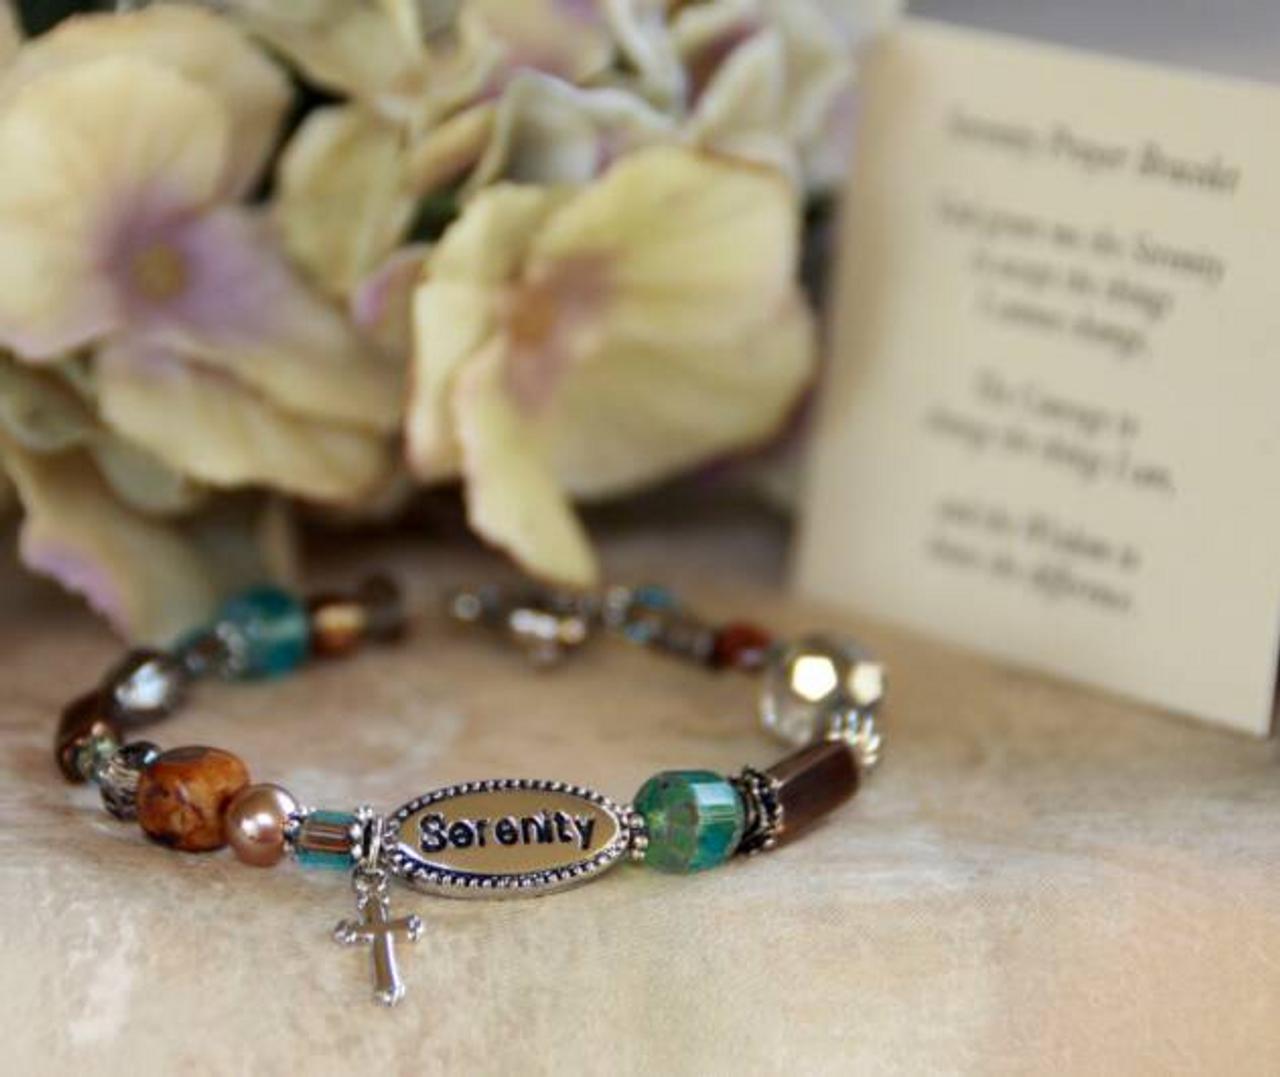 IN-351 Serenity Prayer Bracelet